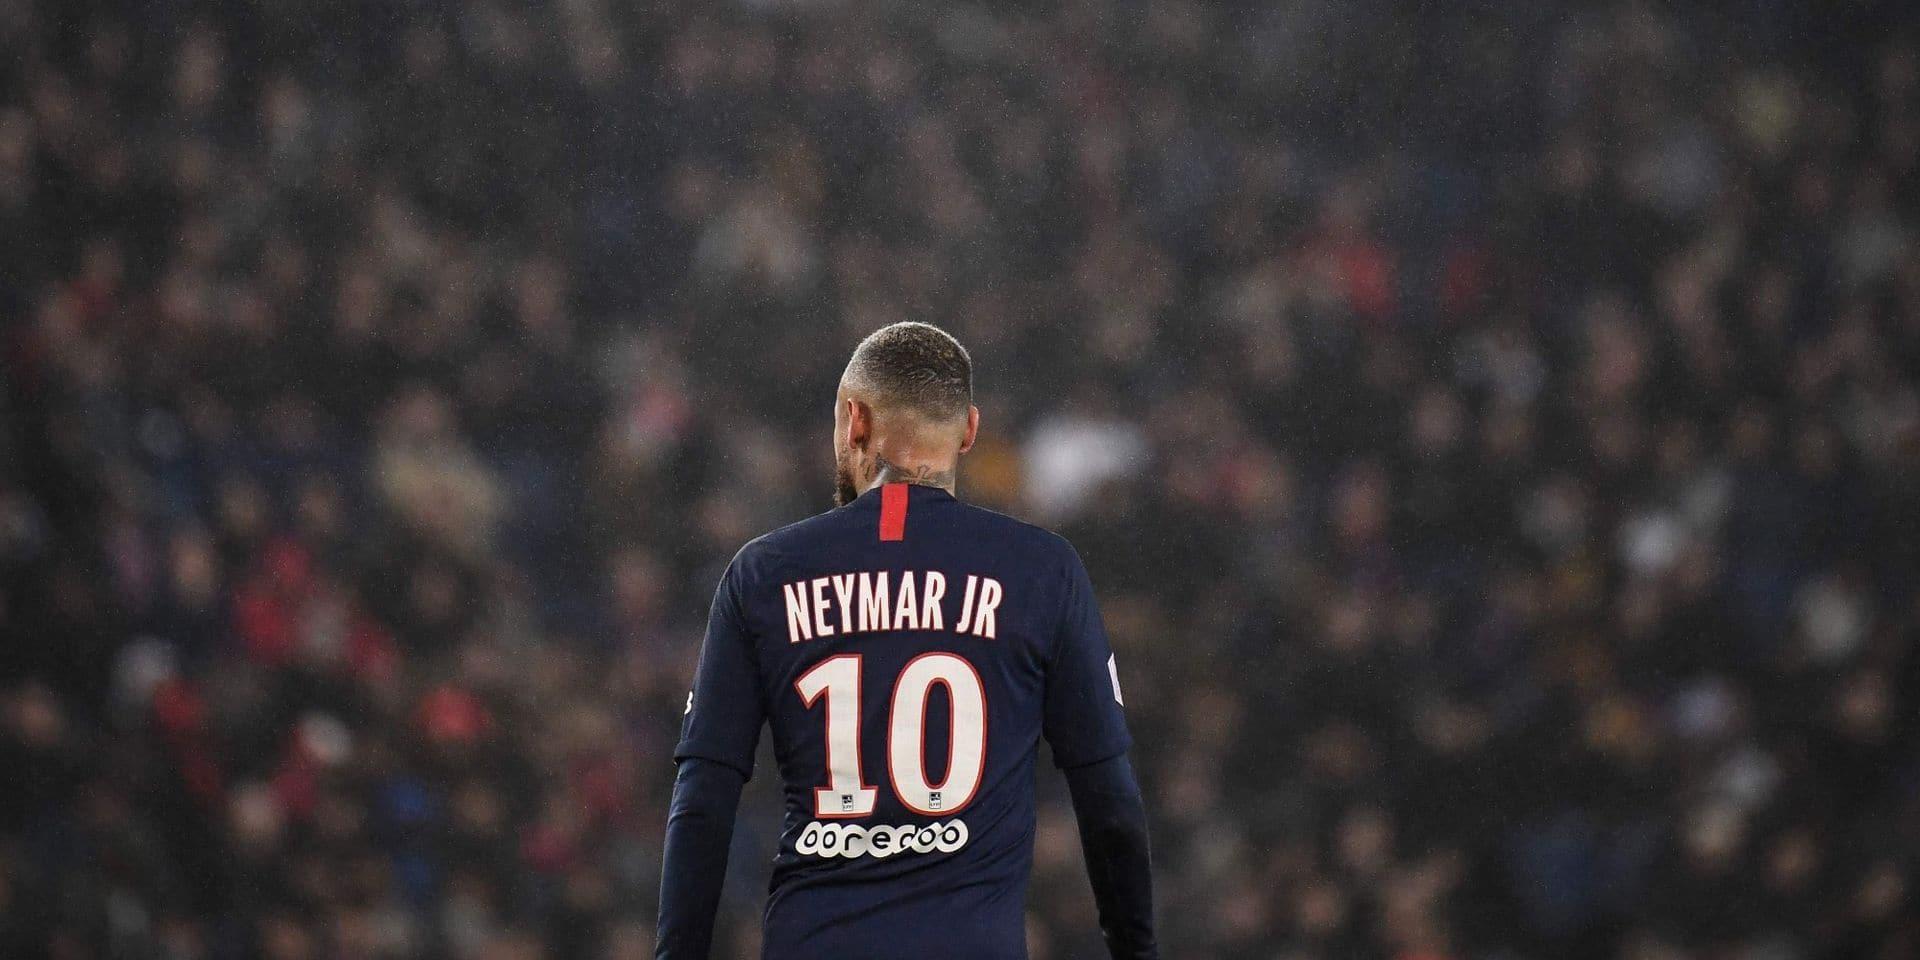 La fête après une défaite, Neymar exclu, Tuchel contesté et des problèmes à n'en plus finir: la semaine infernale du PSG en dix actes